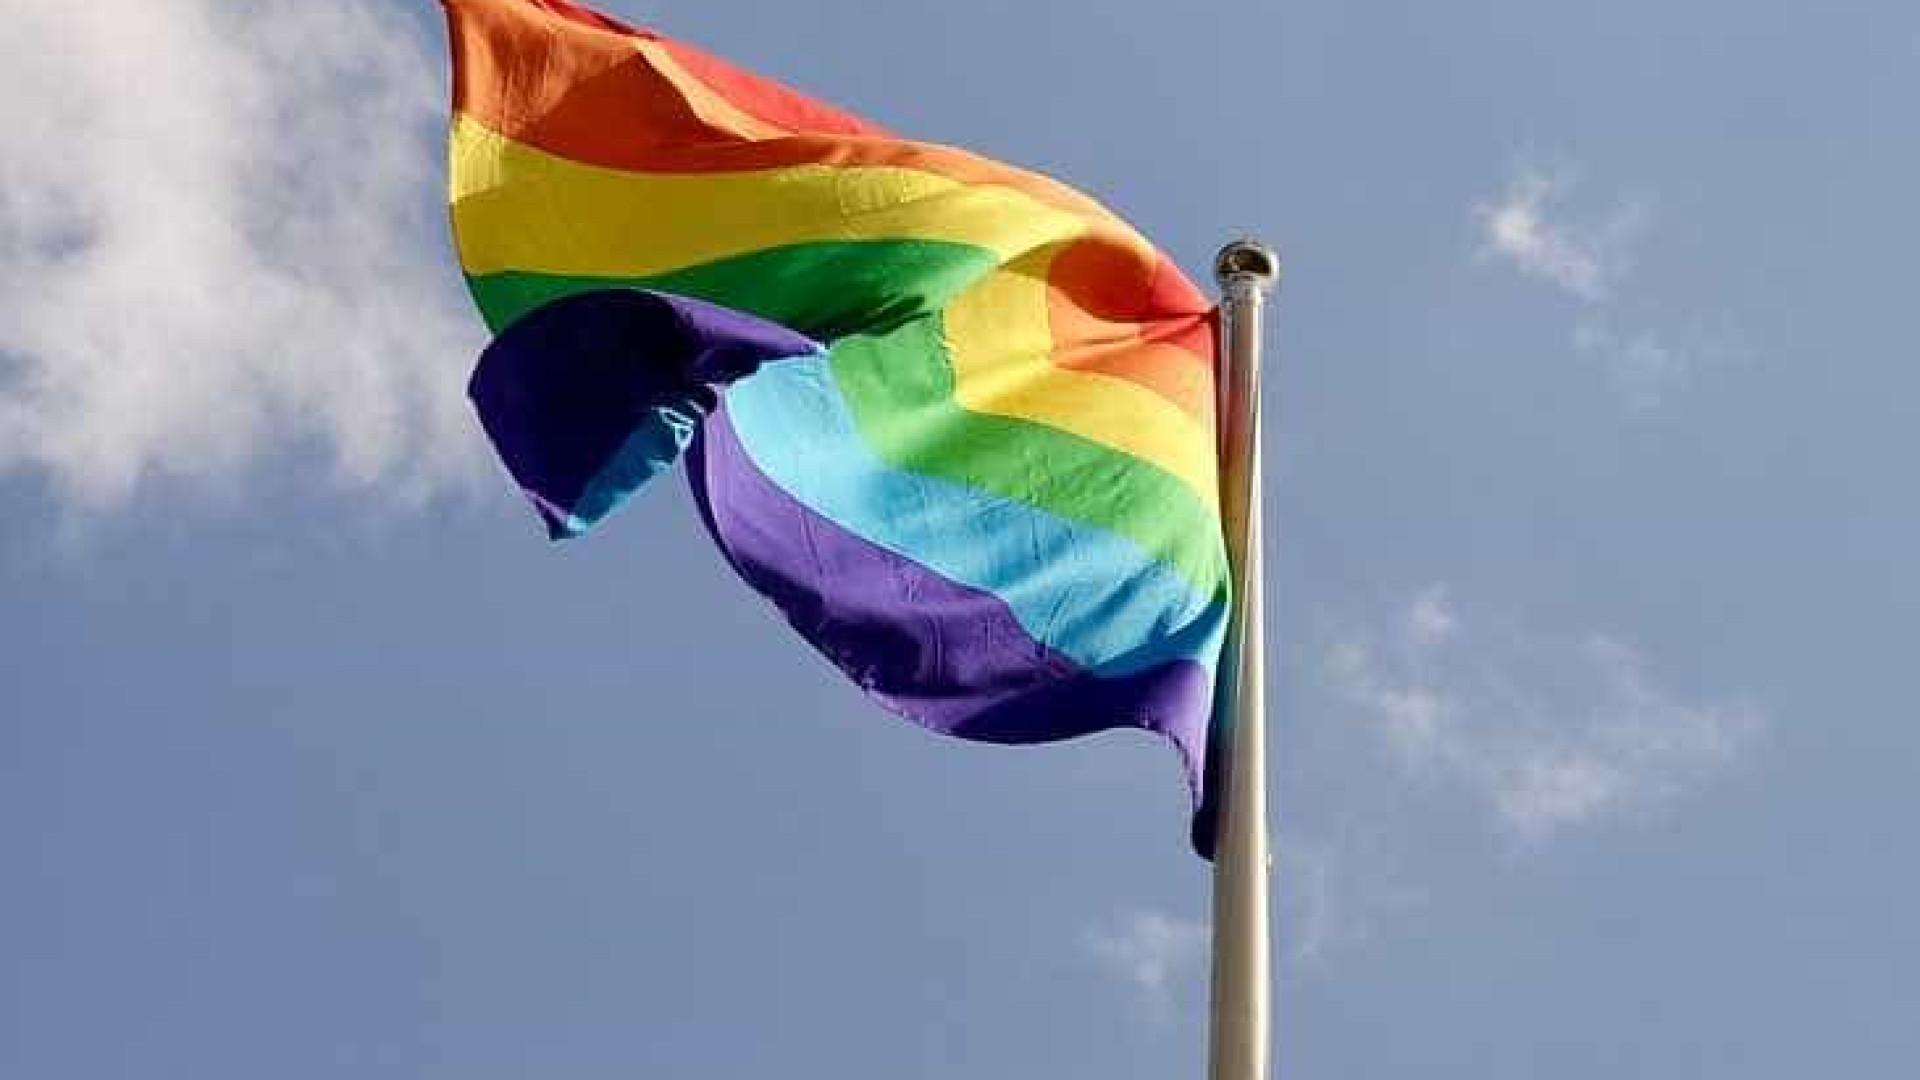 Procuradoria recomenda às Forças Armadas que não vetem transexuais